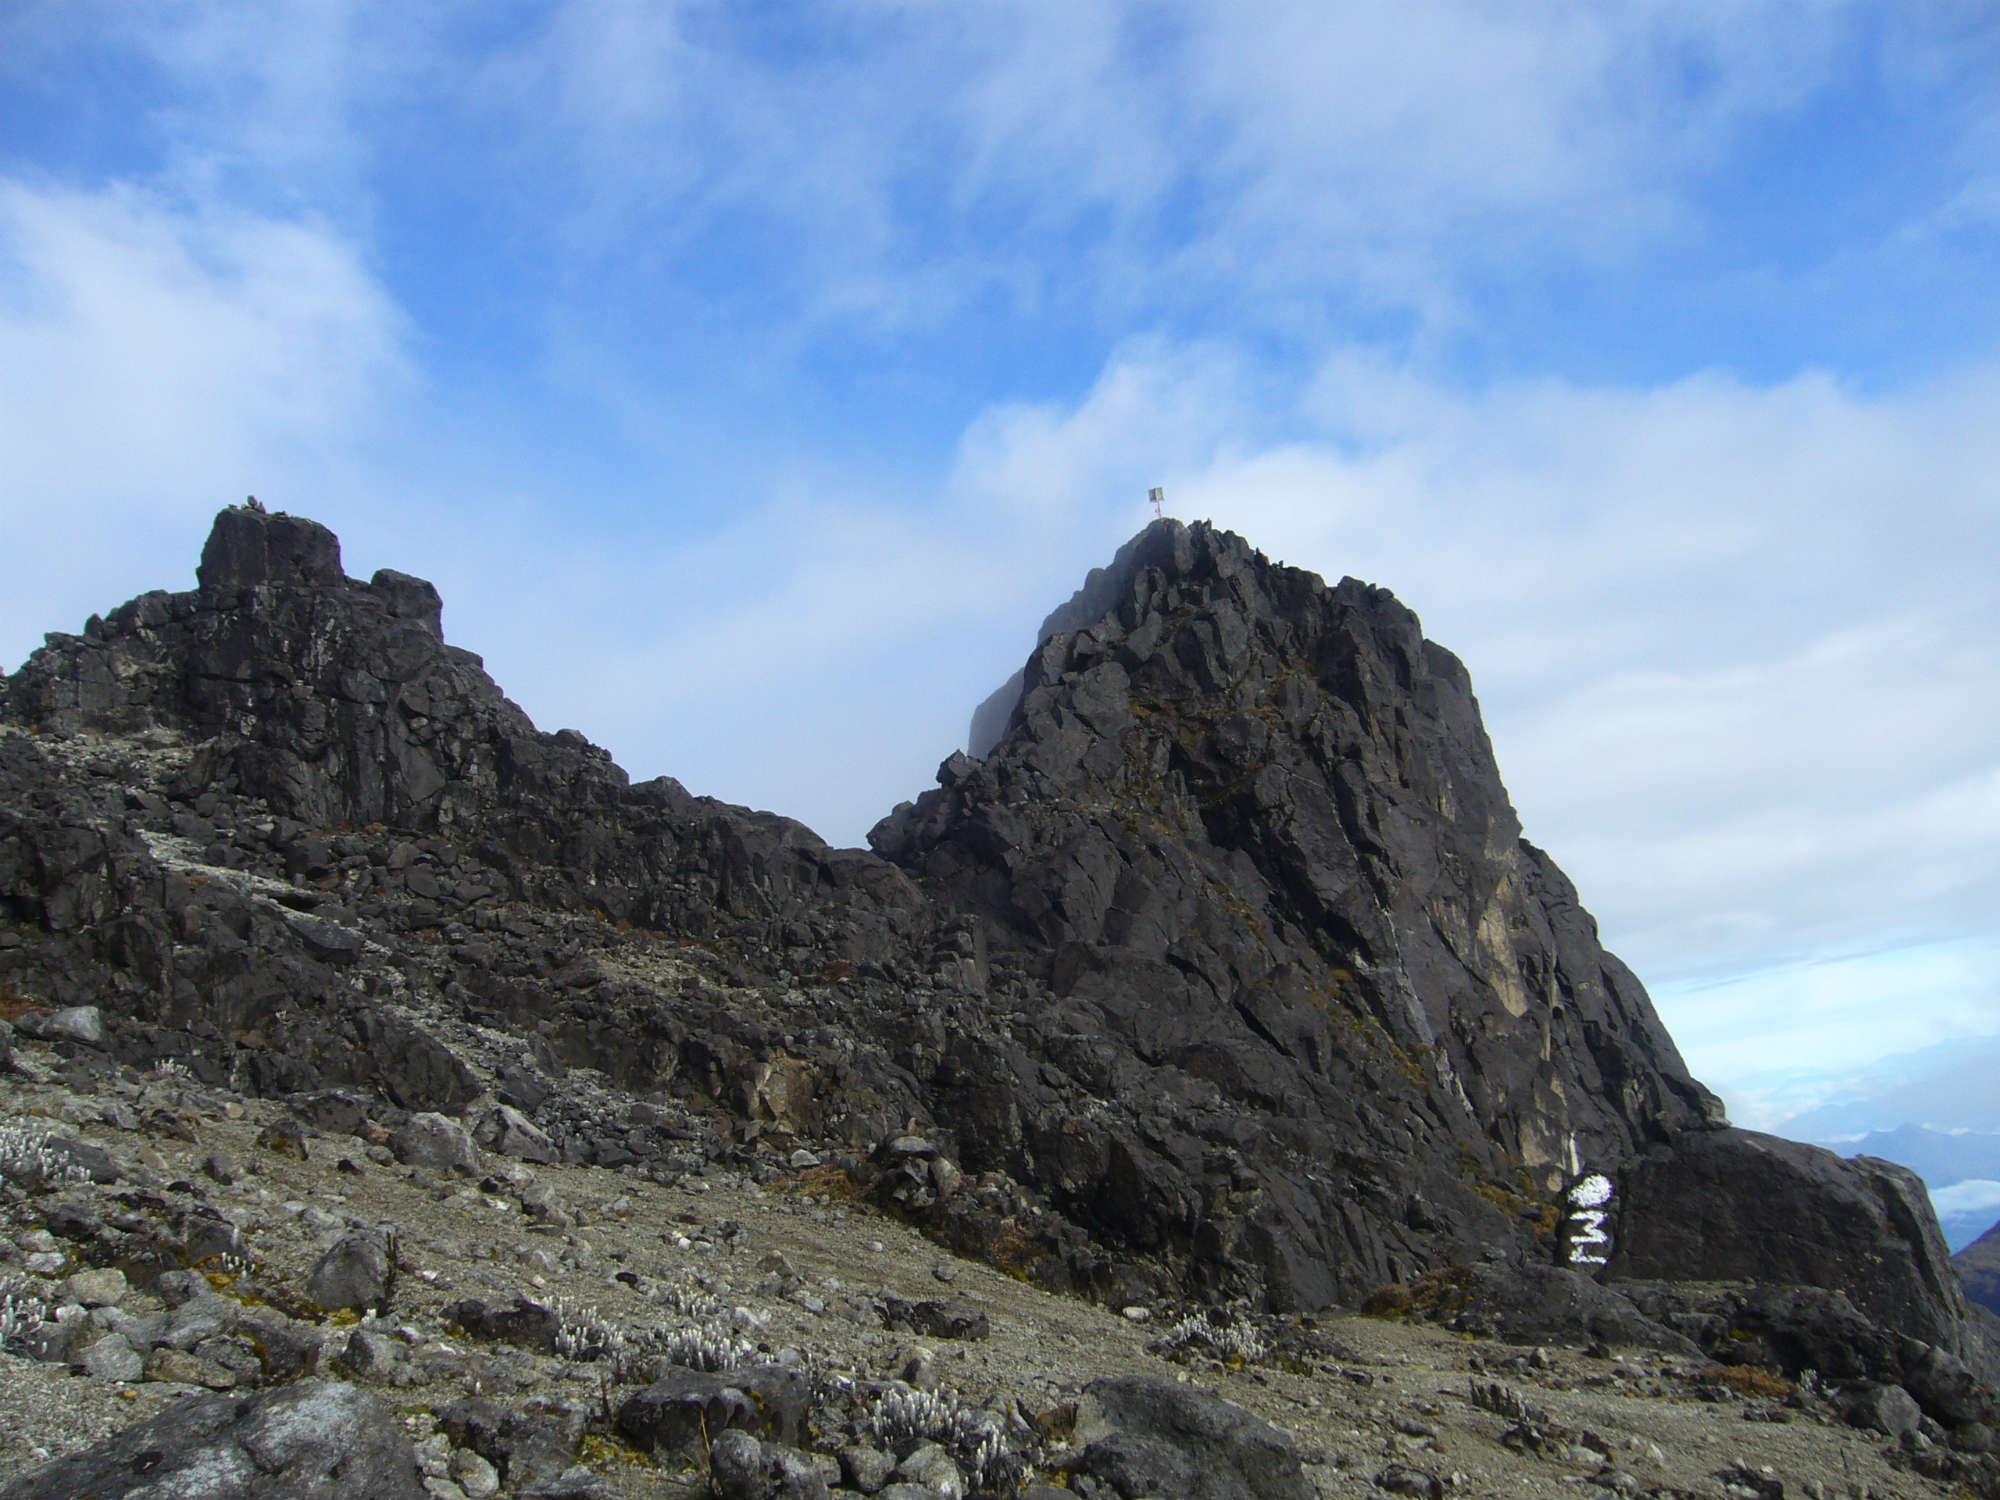 ウイルヘルム登頂8日間